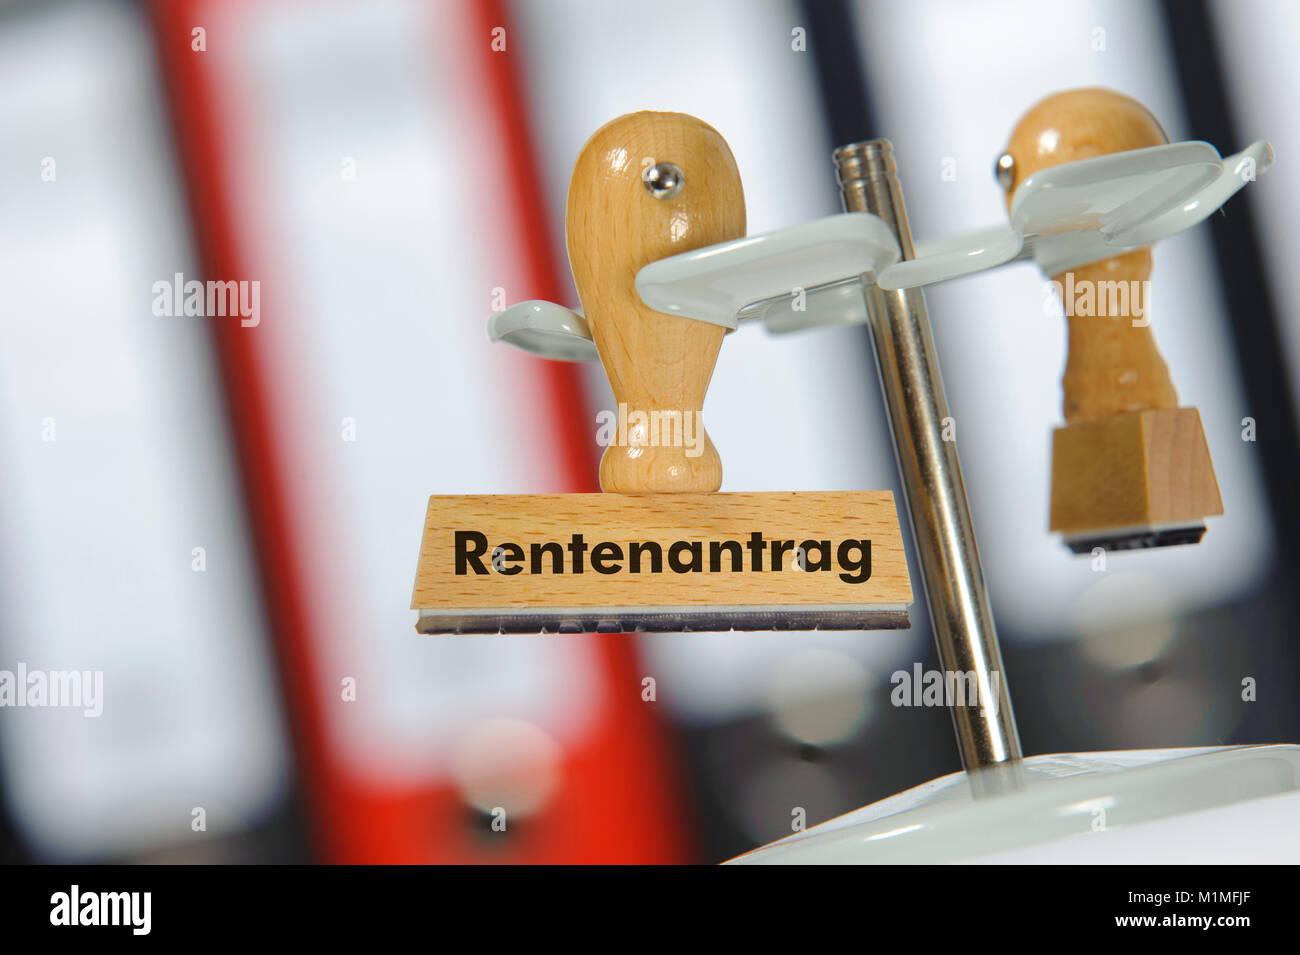 Stempel mit Aufdruck Rentenantrag - Stock Image